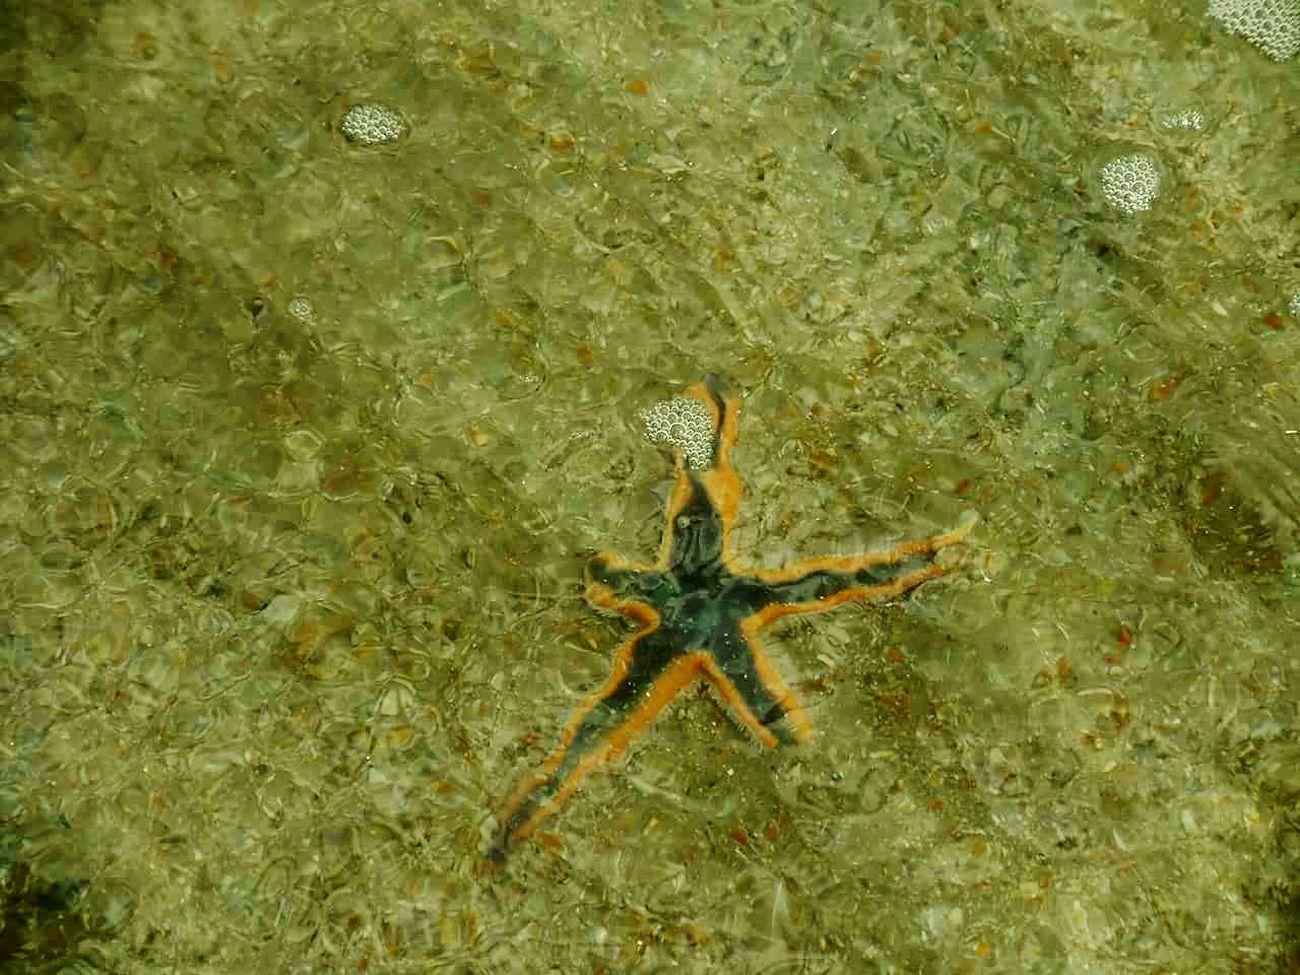 Nature Sea Life Starfish At Beach Underwater